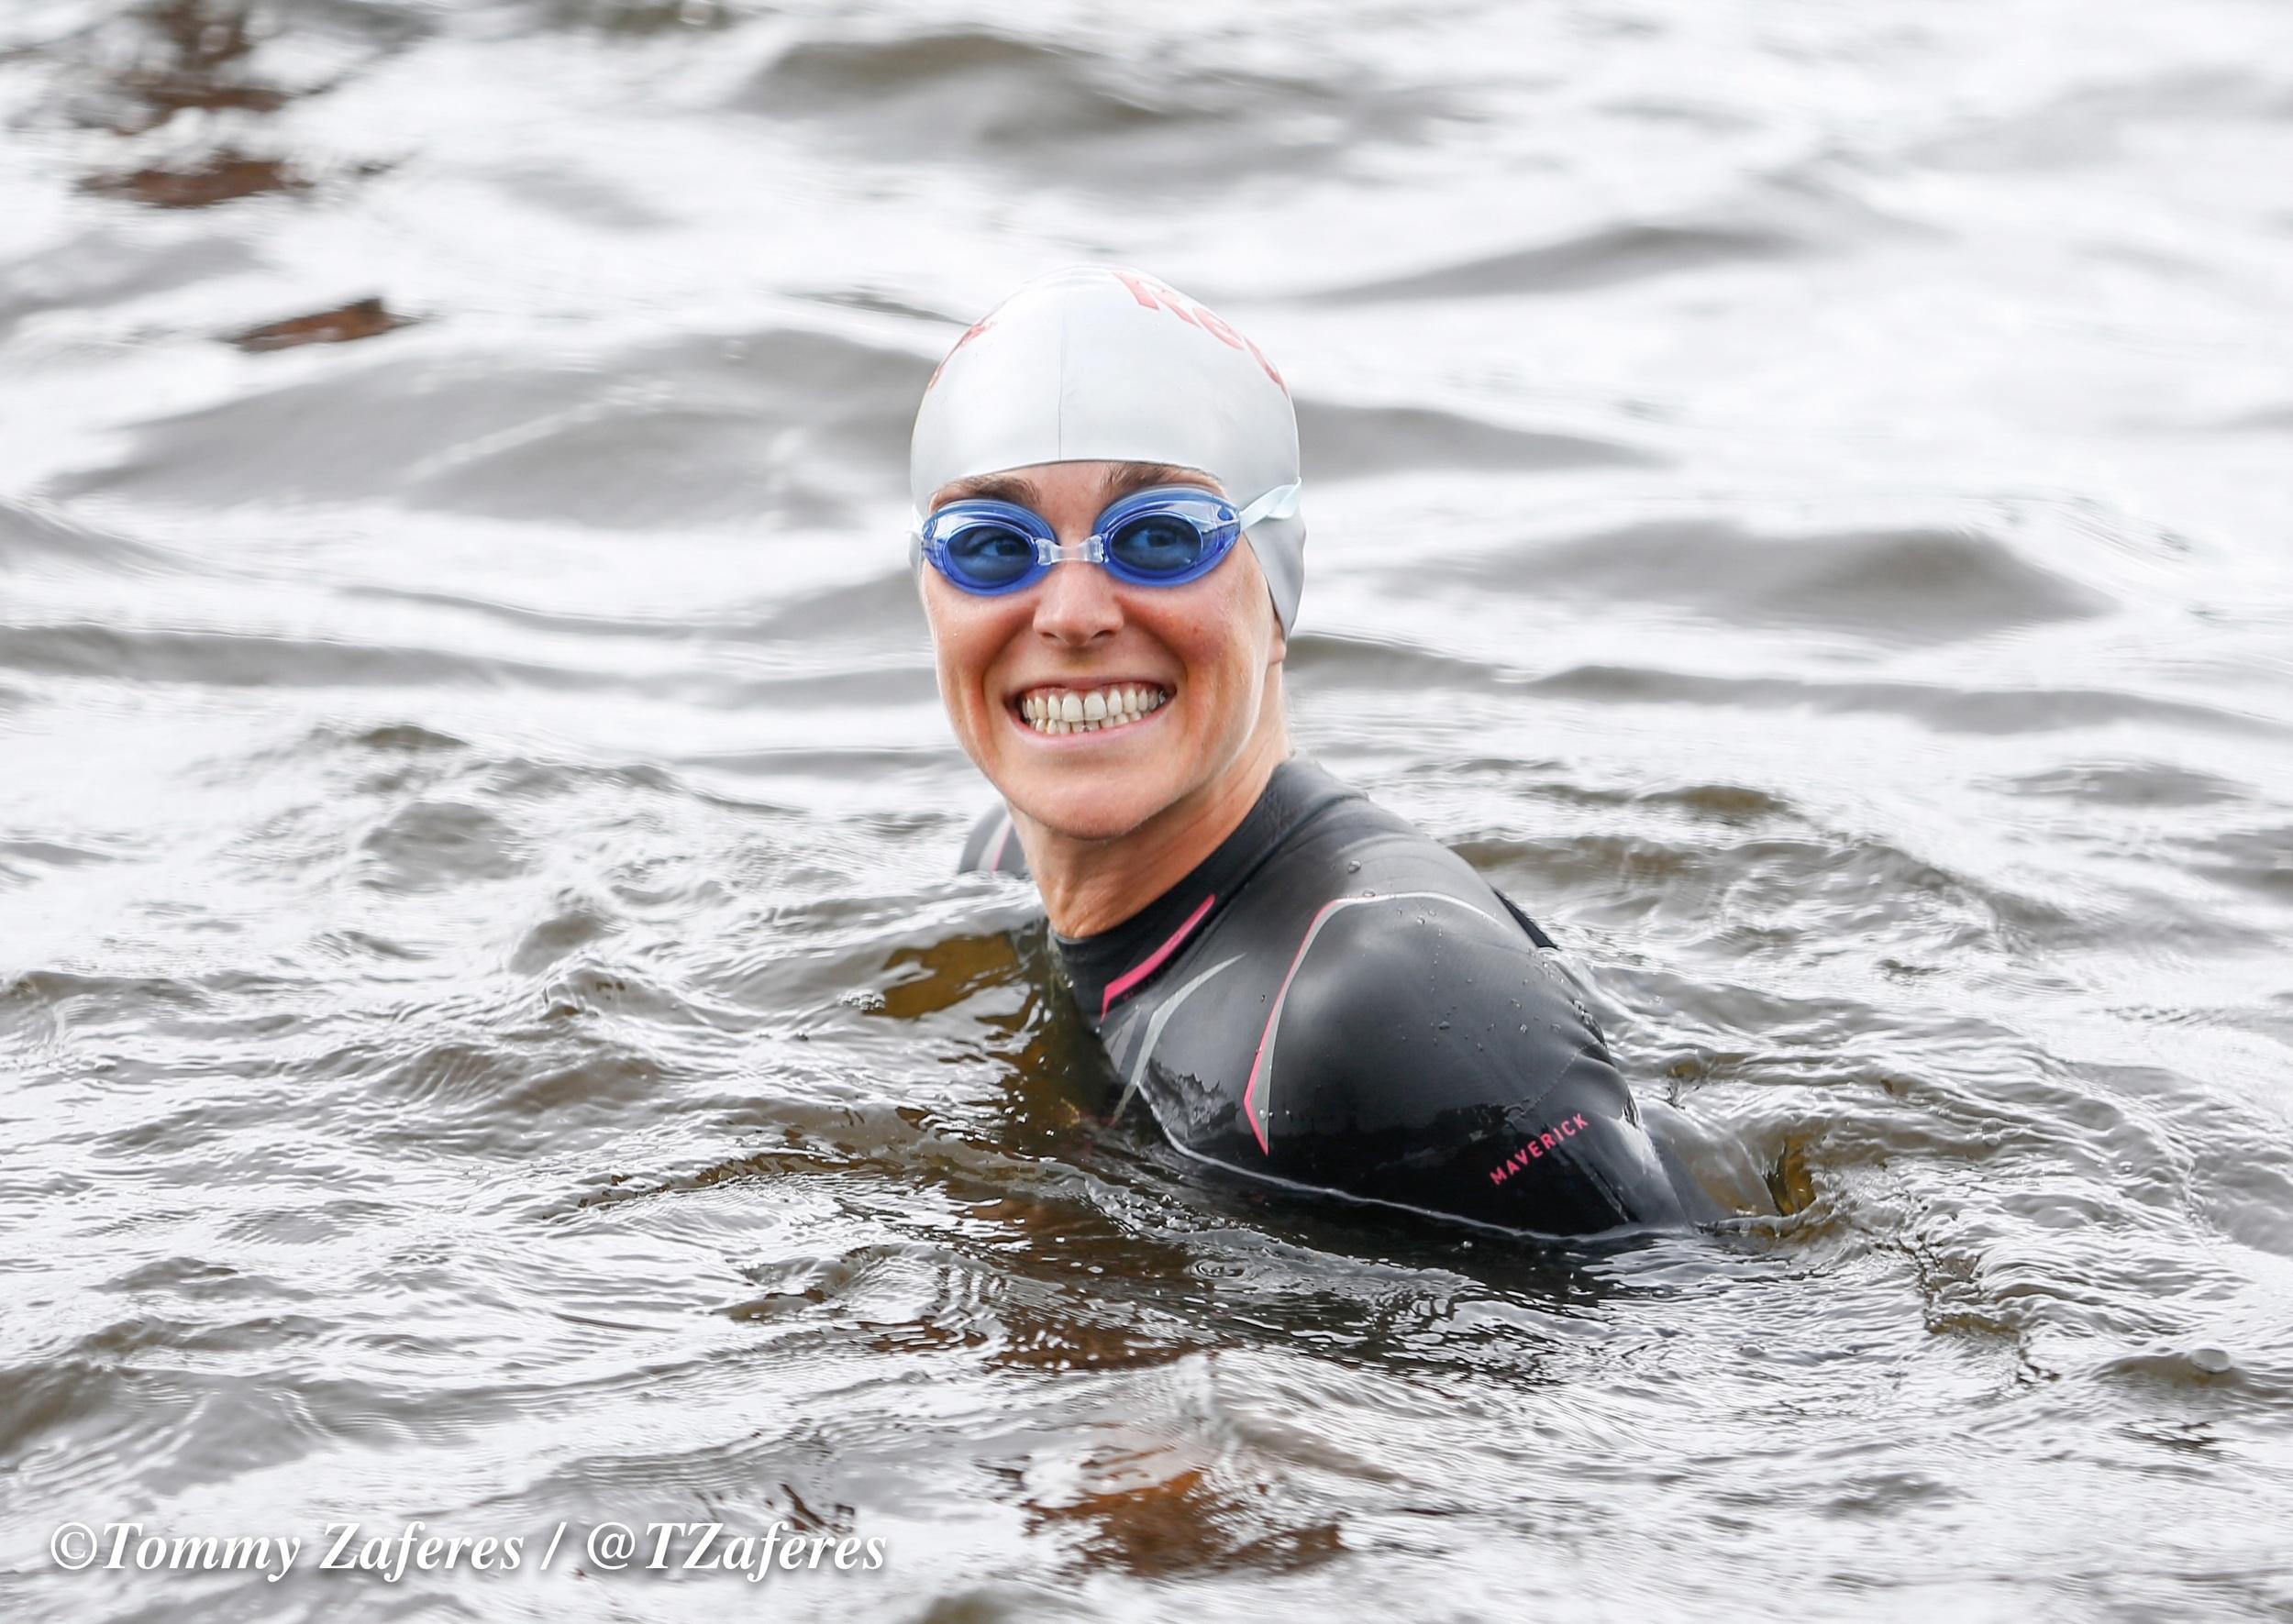 Pre race swim. Photo credit: Tommy Zaferes